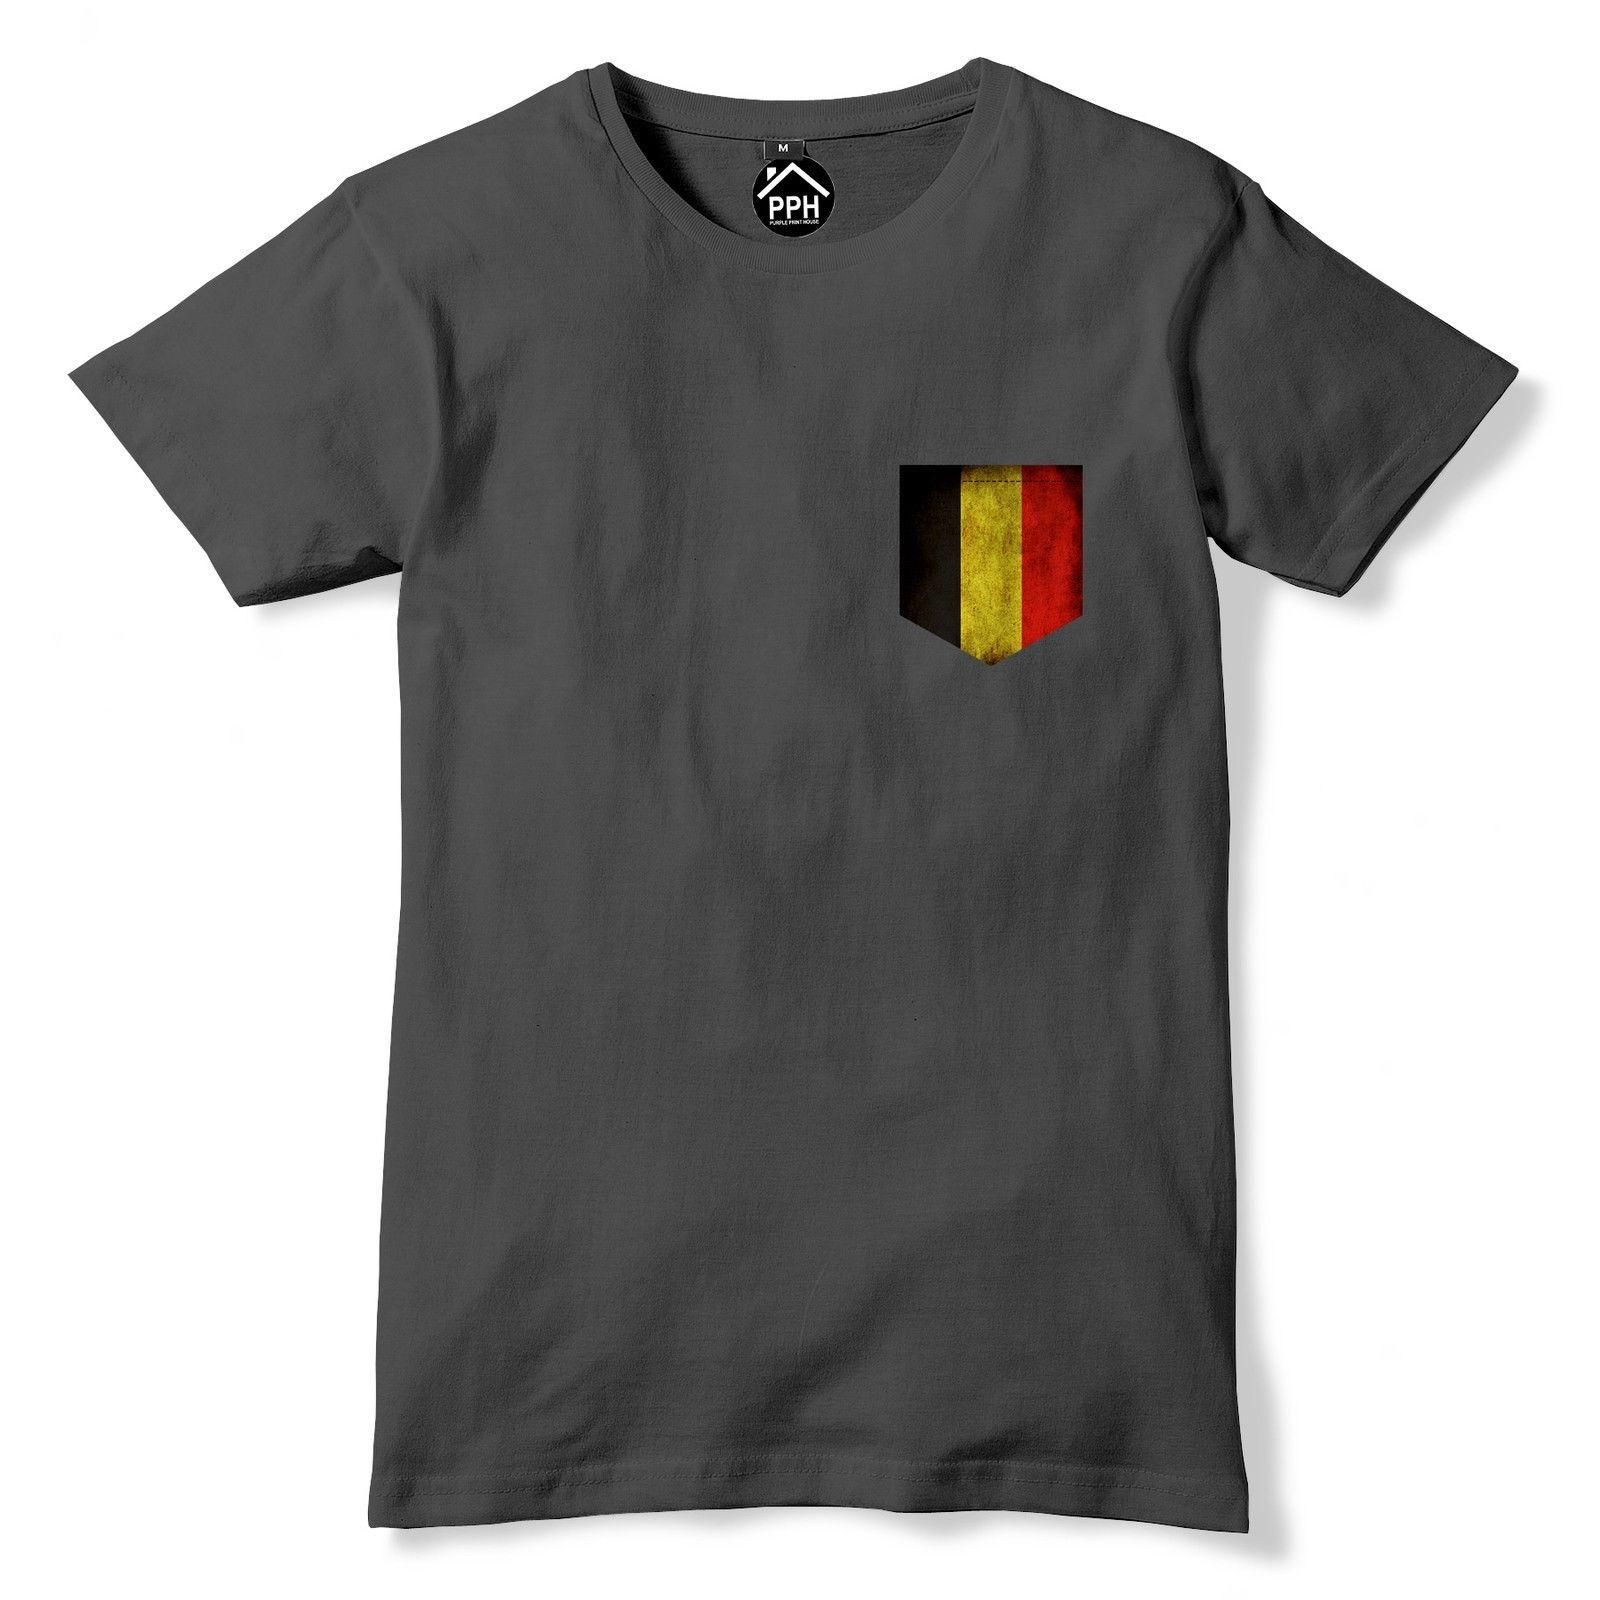 Tees 2019 estiva da uomo di nuovo stile di alta qualità Tees Vintage Stampa T Shirt Pocket Belgio Flag Fan Menst Shirt Company